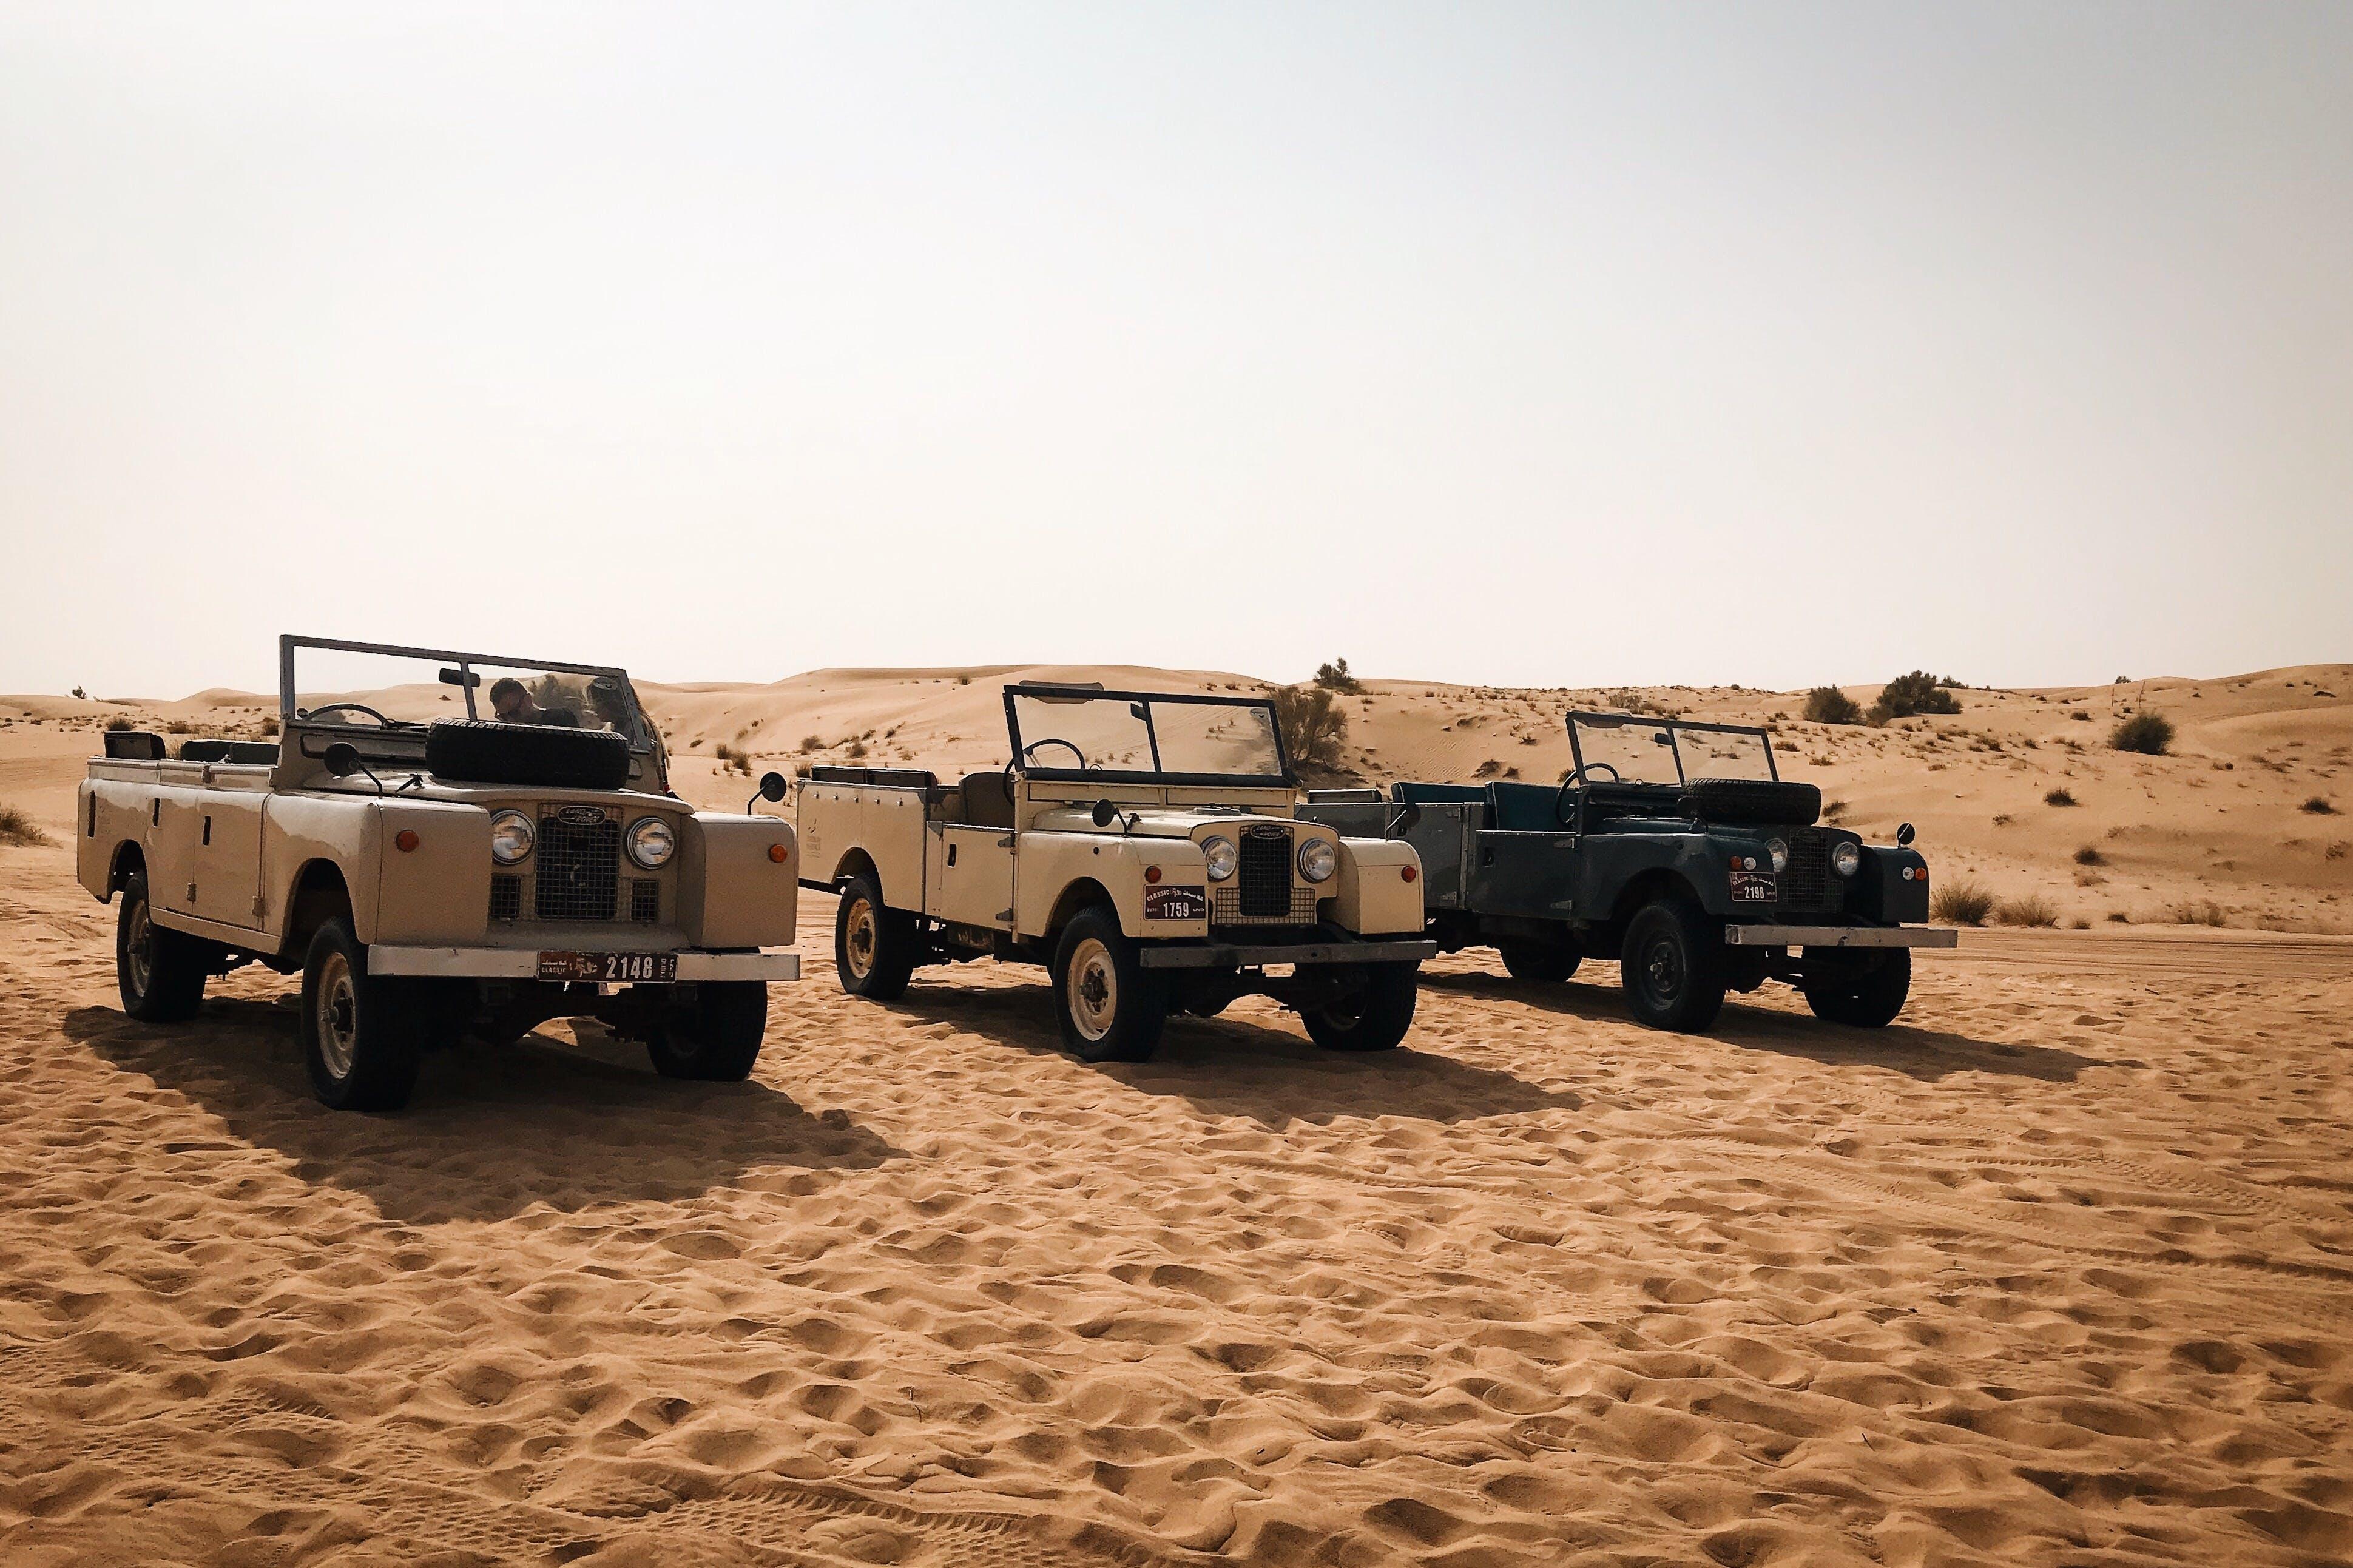 교통체계, 모래, 사막, 운송 수단의 무료 스톡 사진